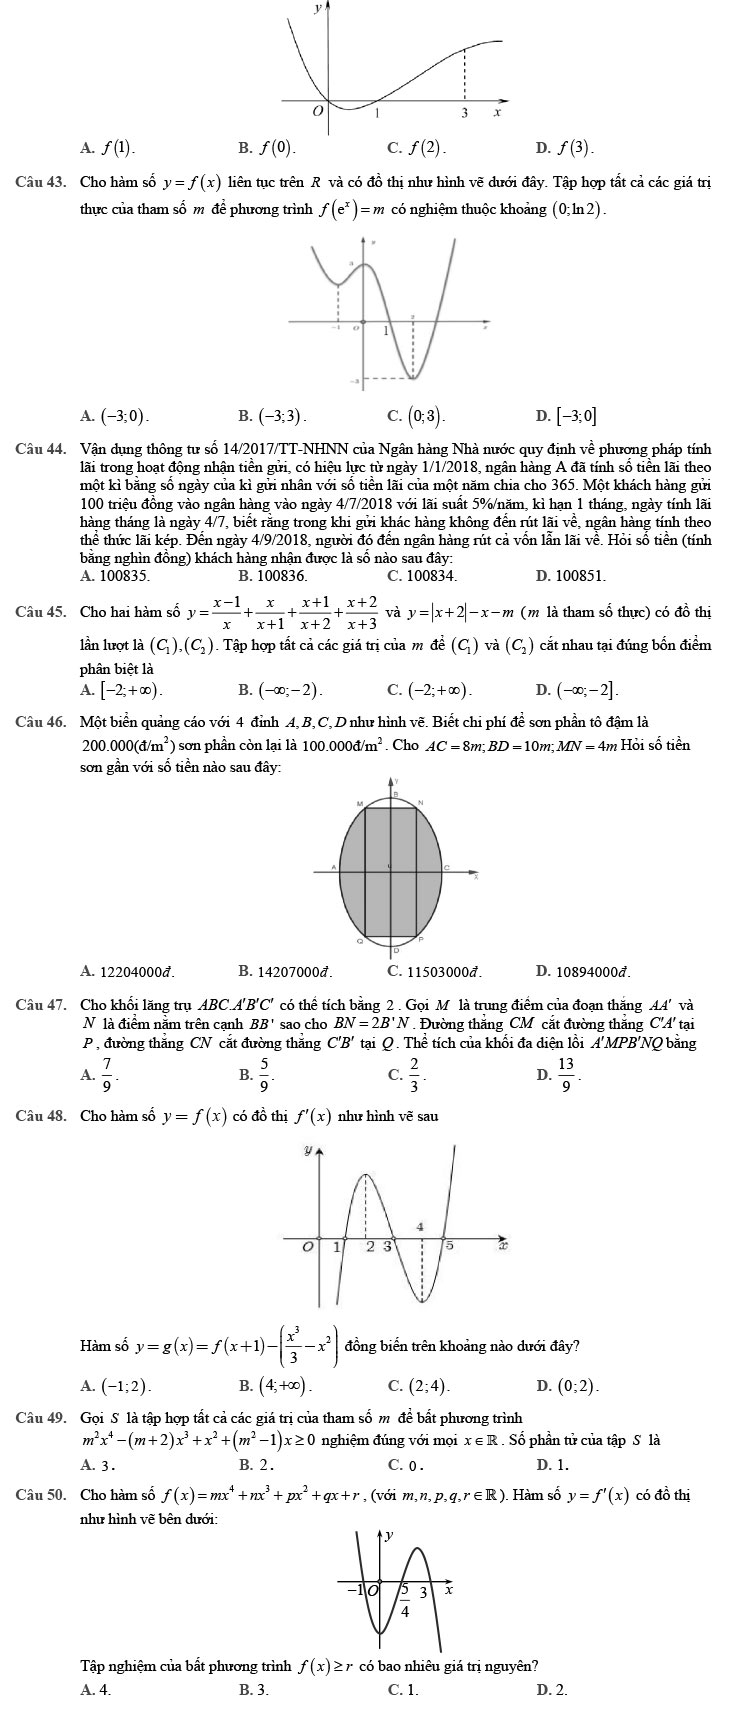 đề thi thử môn Toán 2020 phát triển theo đề minh họa số 9 trang 5